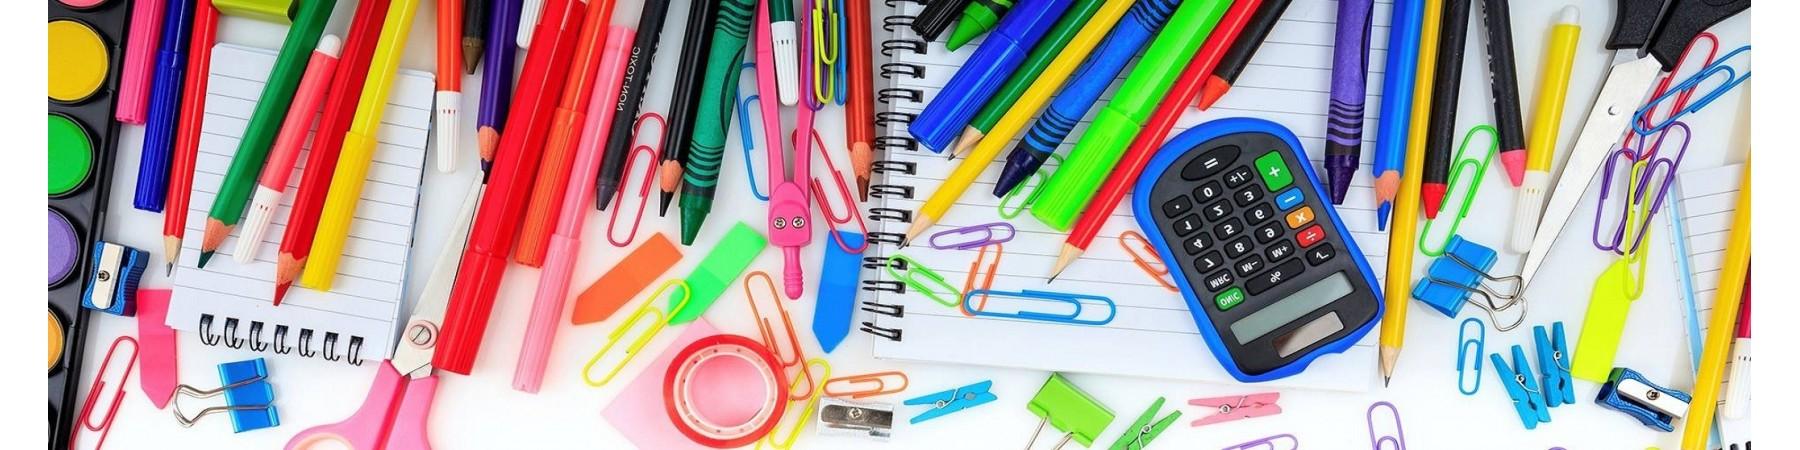 Đồ dùng, dụng cụ học tập Học sinh, sinh viên tại gia đình, trường lớp